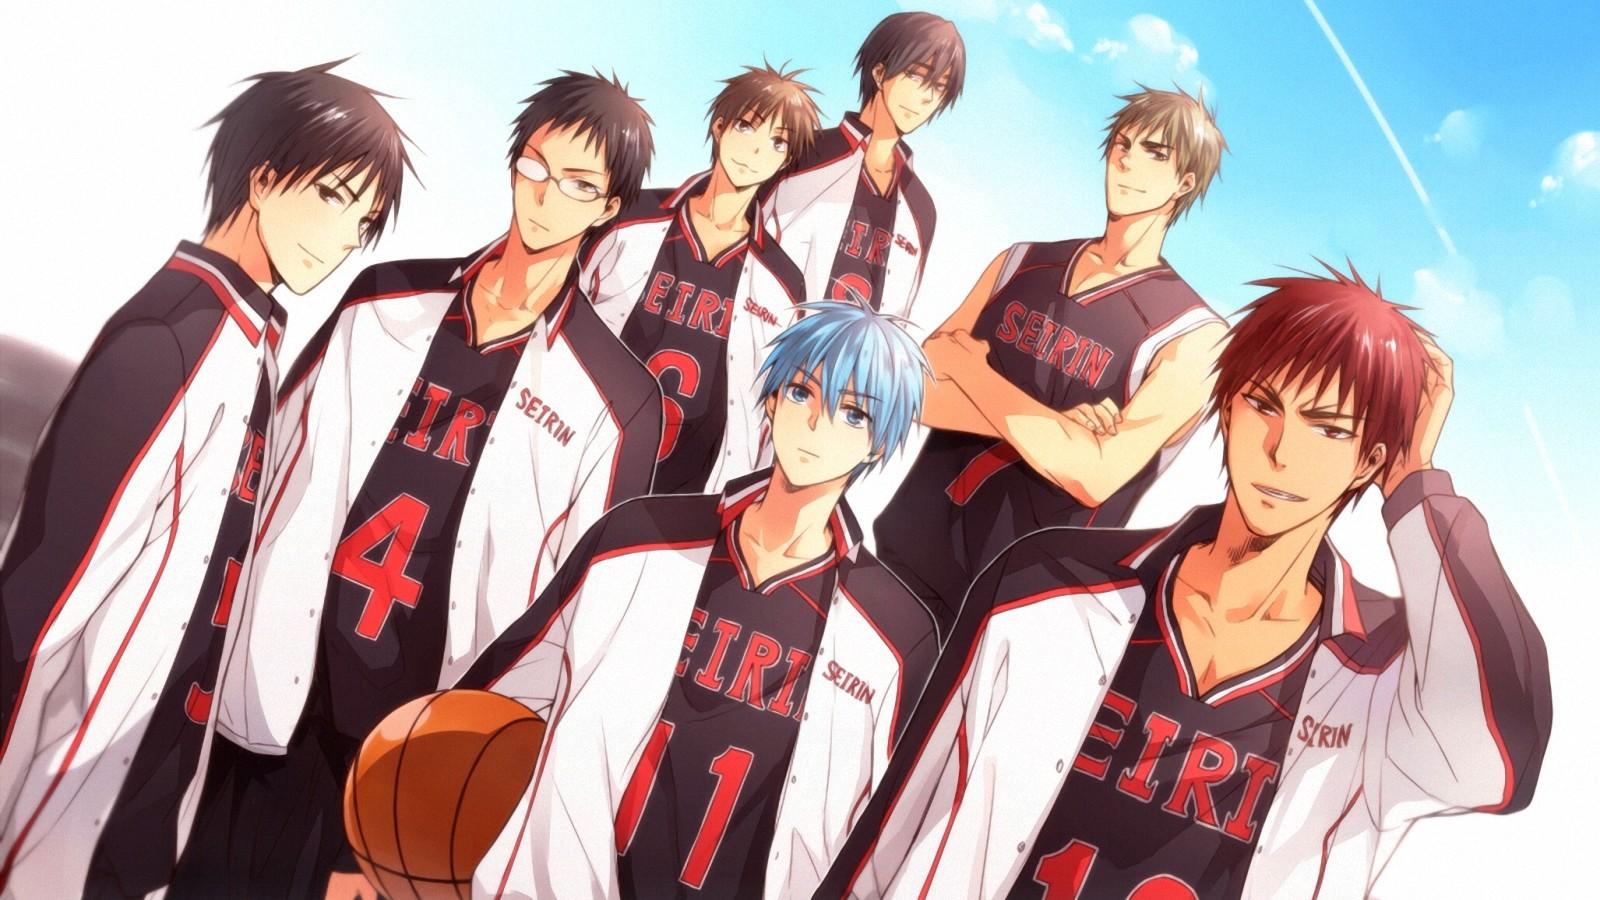 黑子的篮球实妹相关图片下载 Kuroko No Basket Wallpaper Seirin